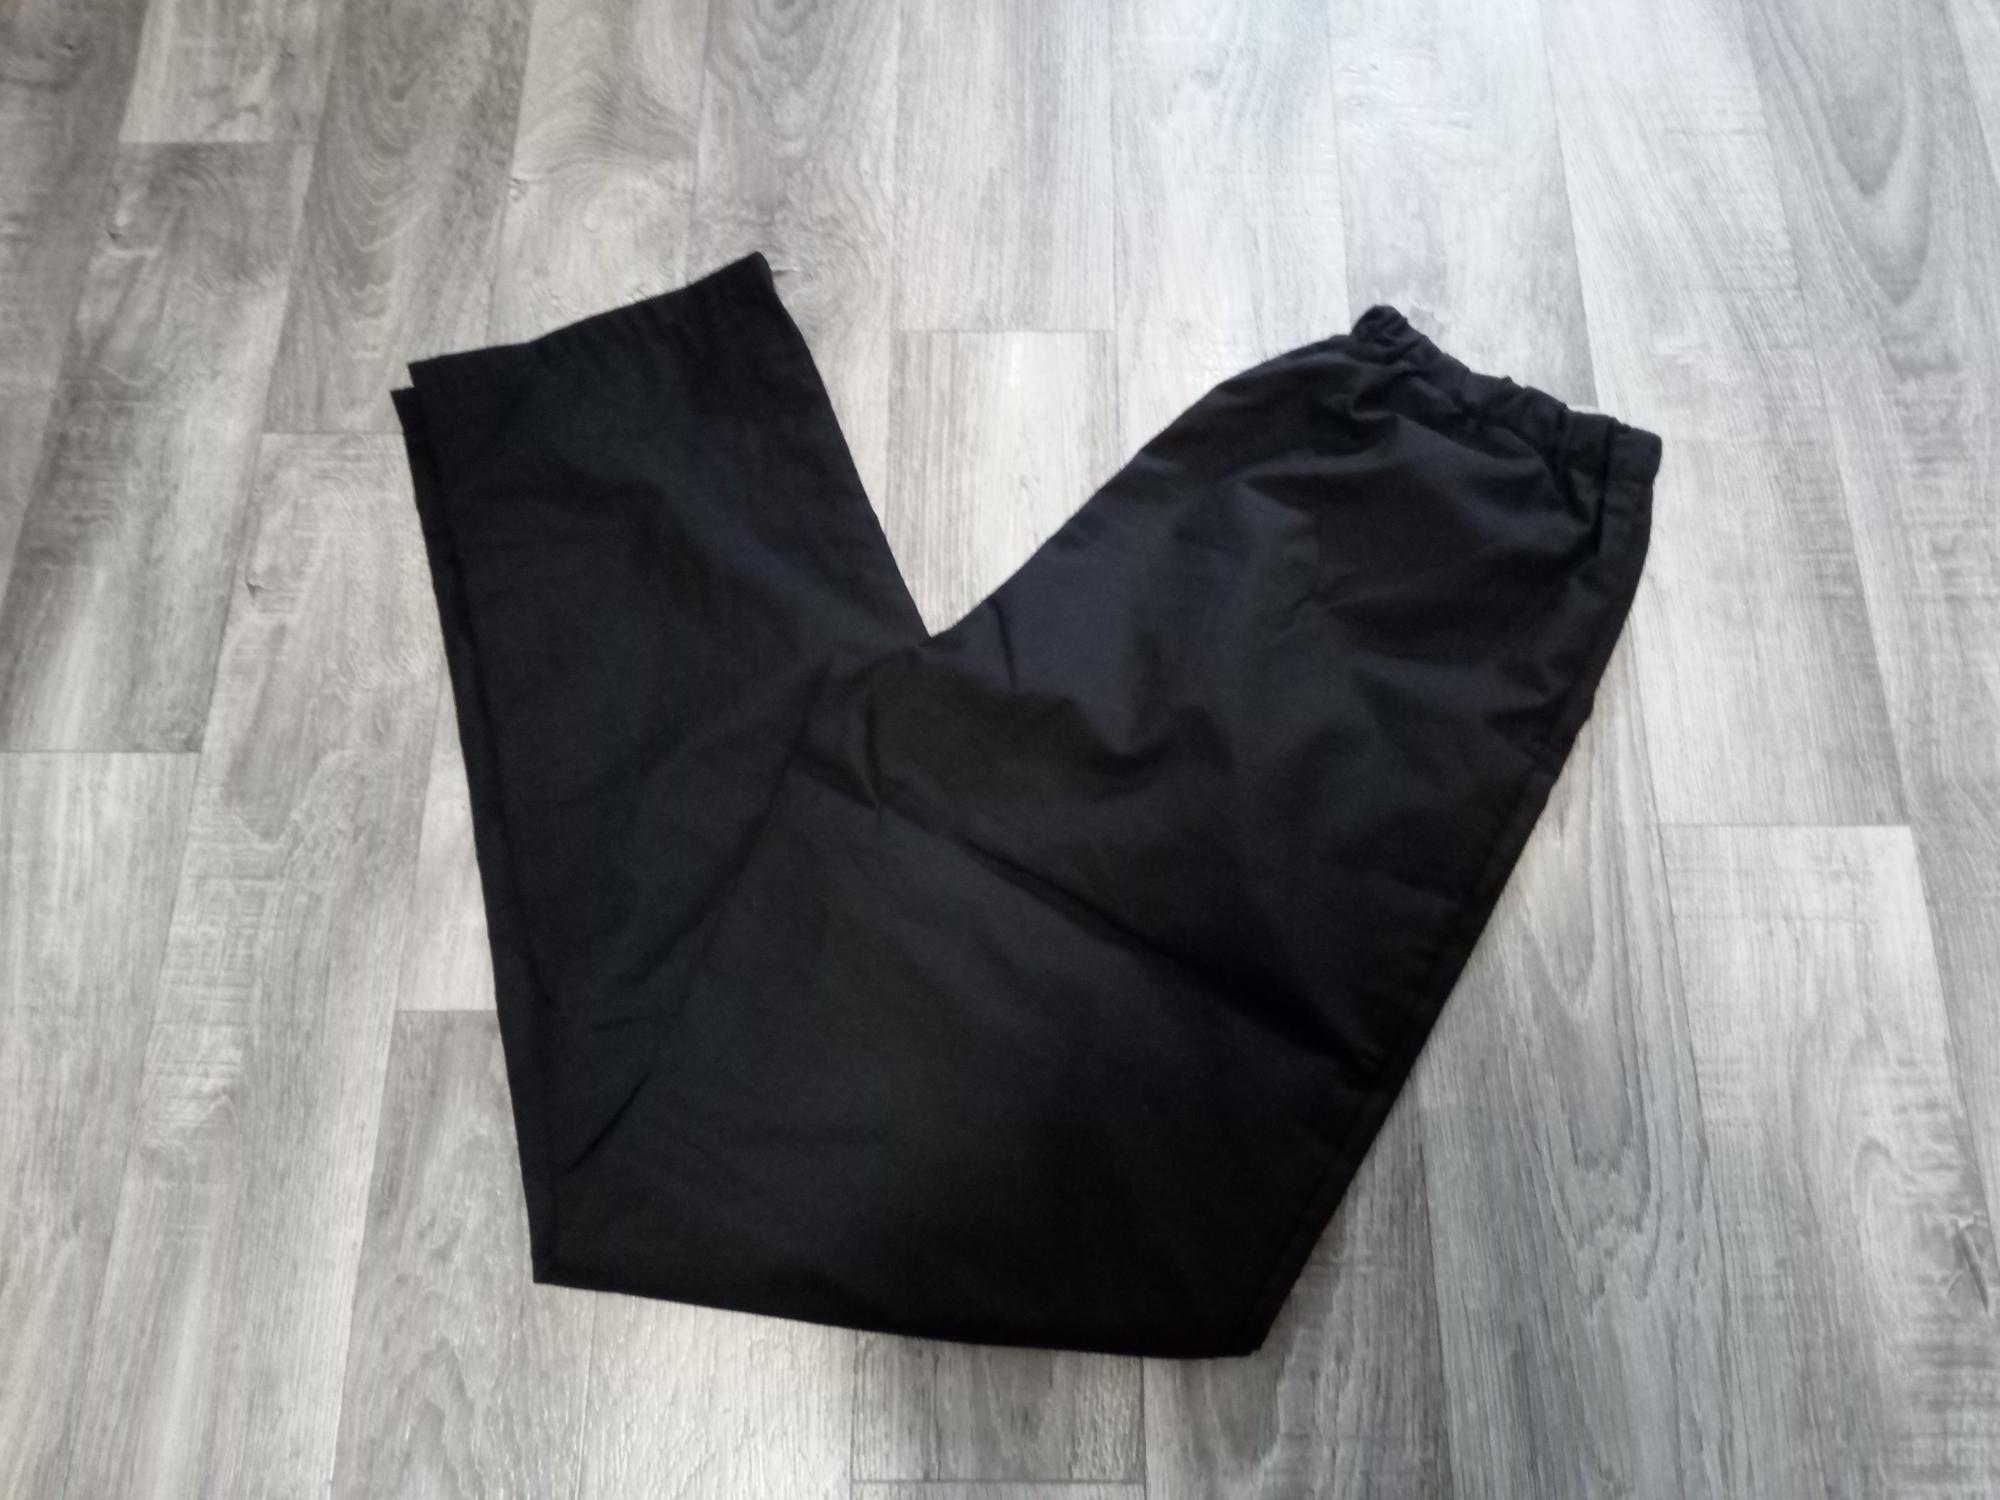 a1f4388e59e8 Dámske kuchárske nohavice veľ 36 - Handmade sulong - Morský Koník